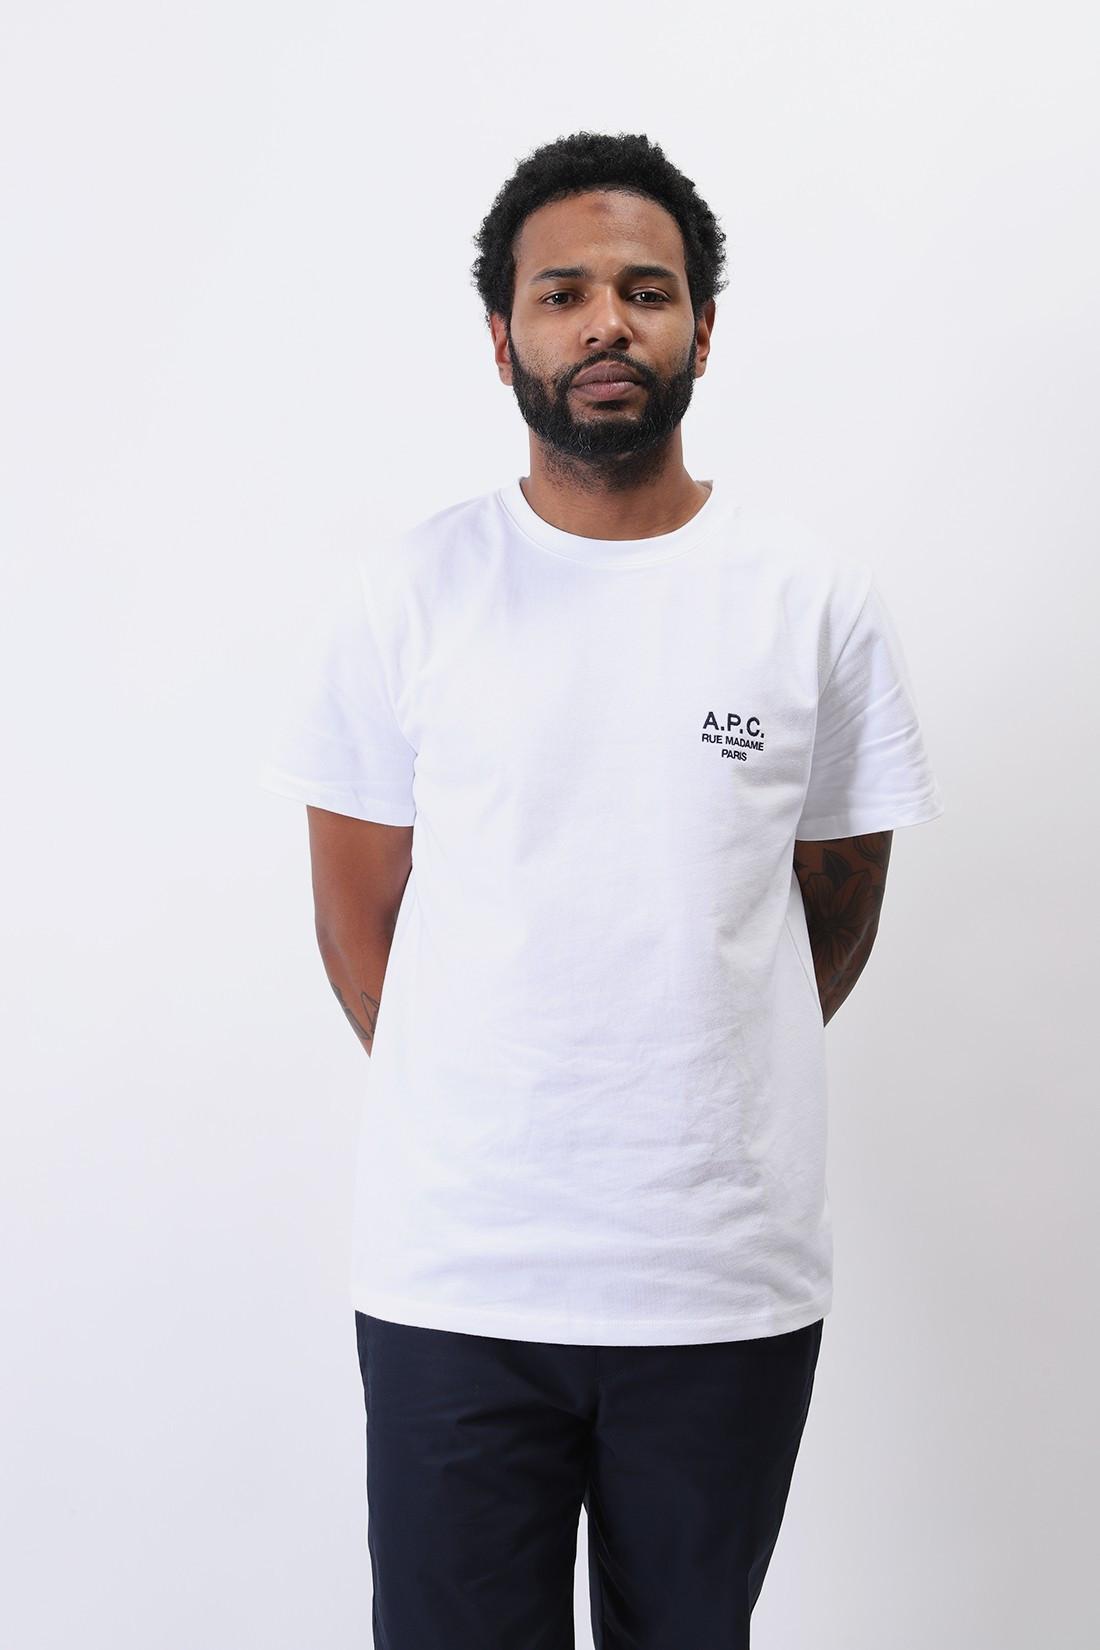 A.P.C. / T-shirt raymond Blanc